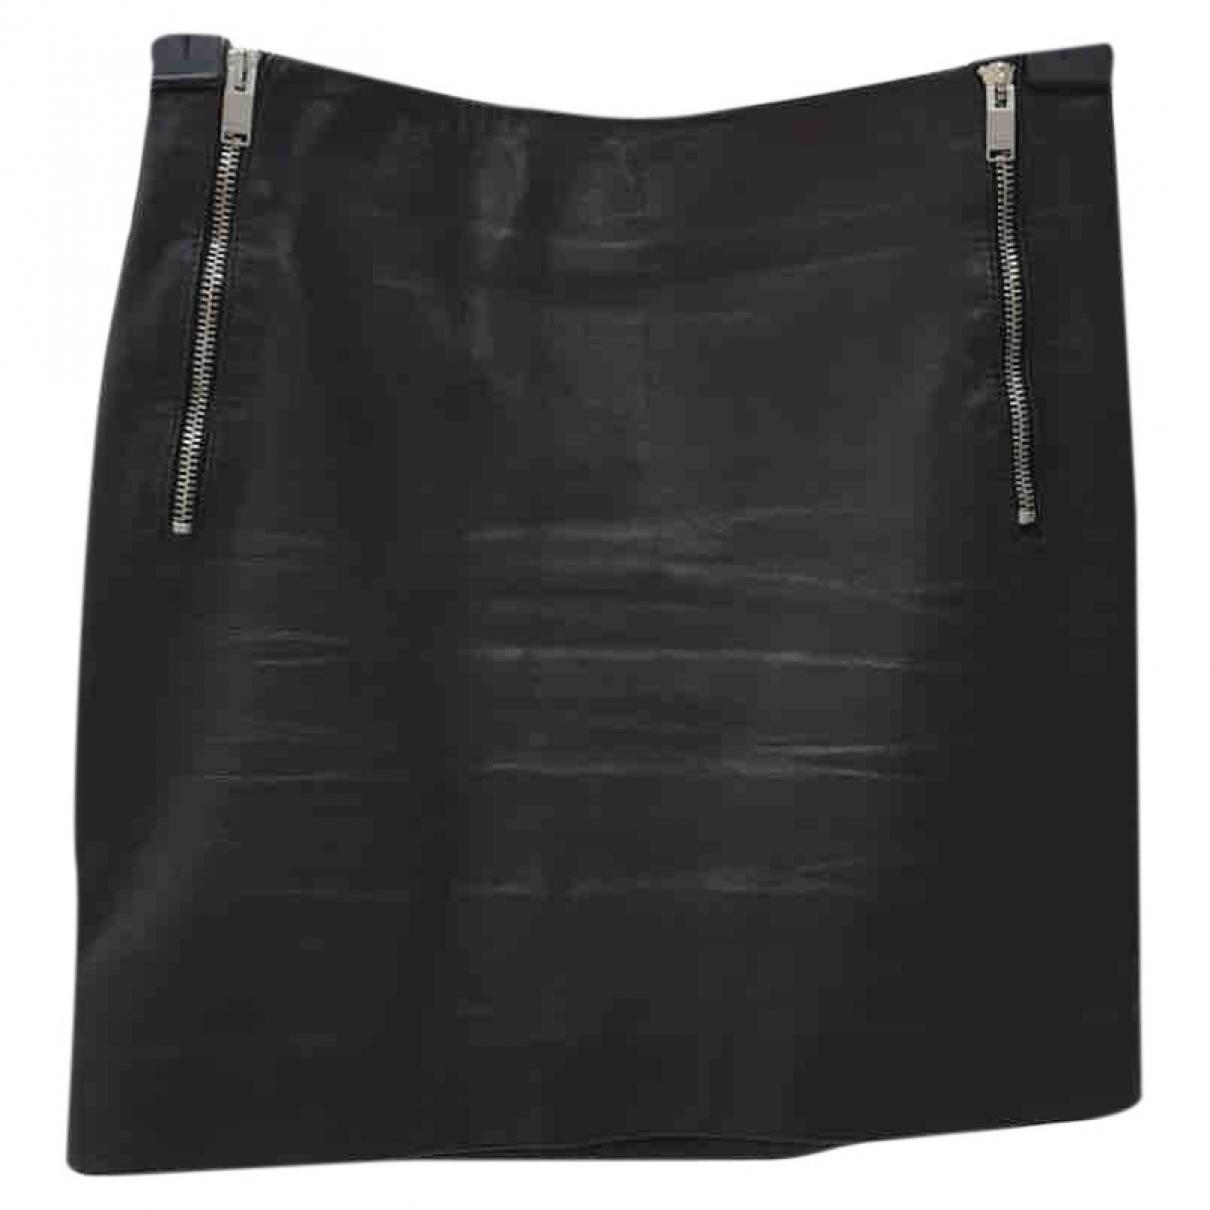 Saint Laurent \N Black Leather skirt for Women 34 FR